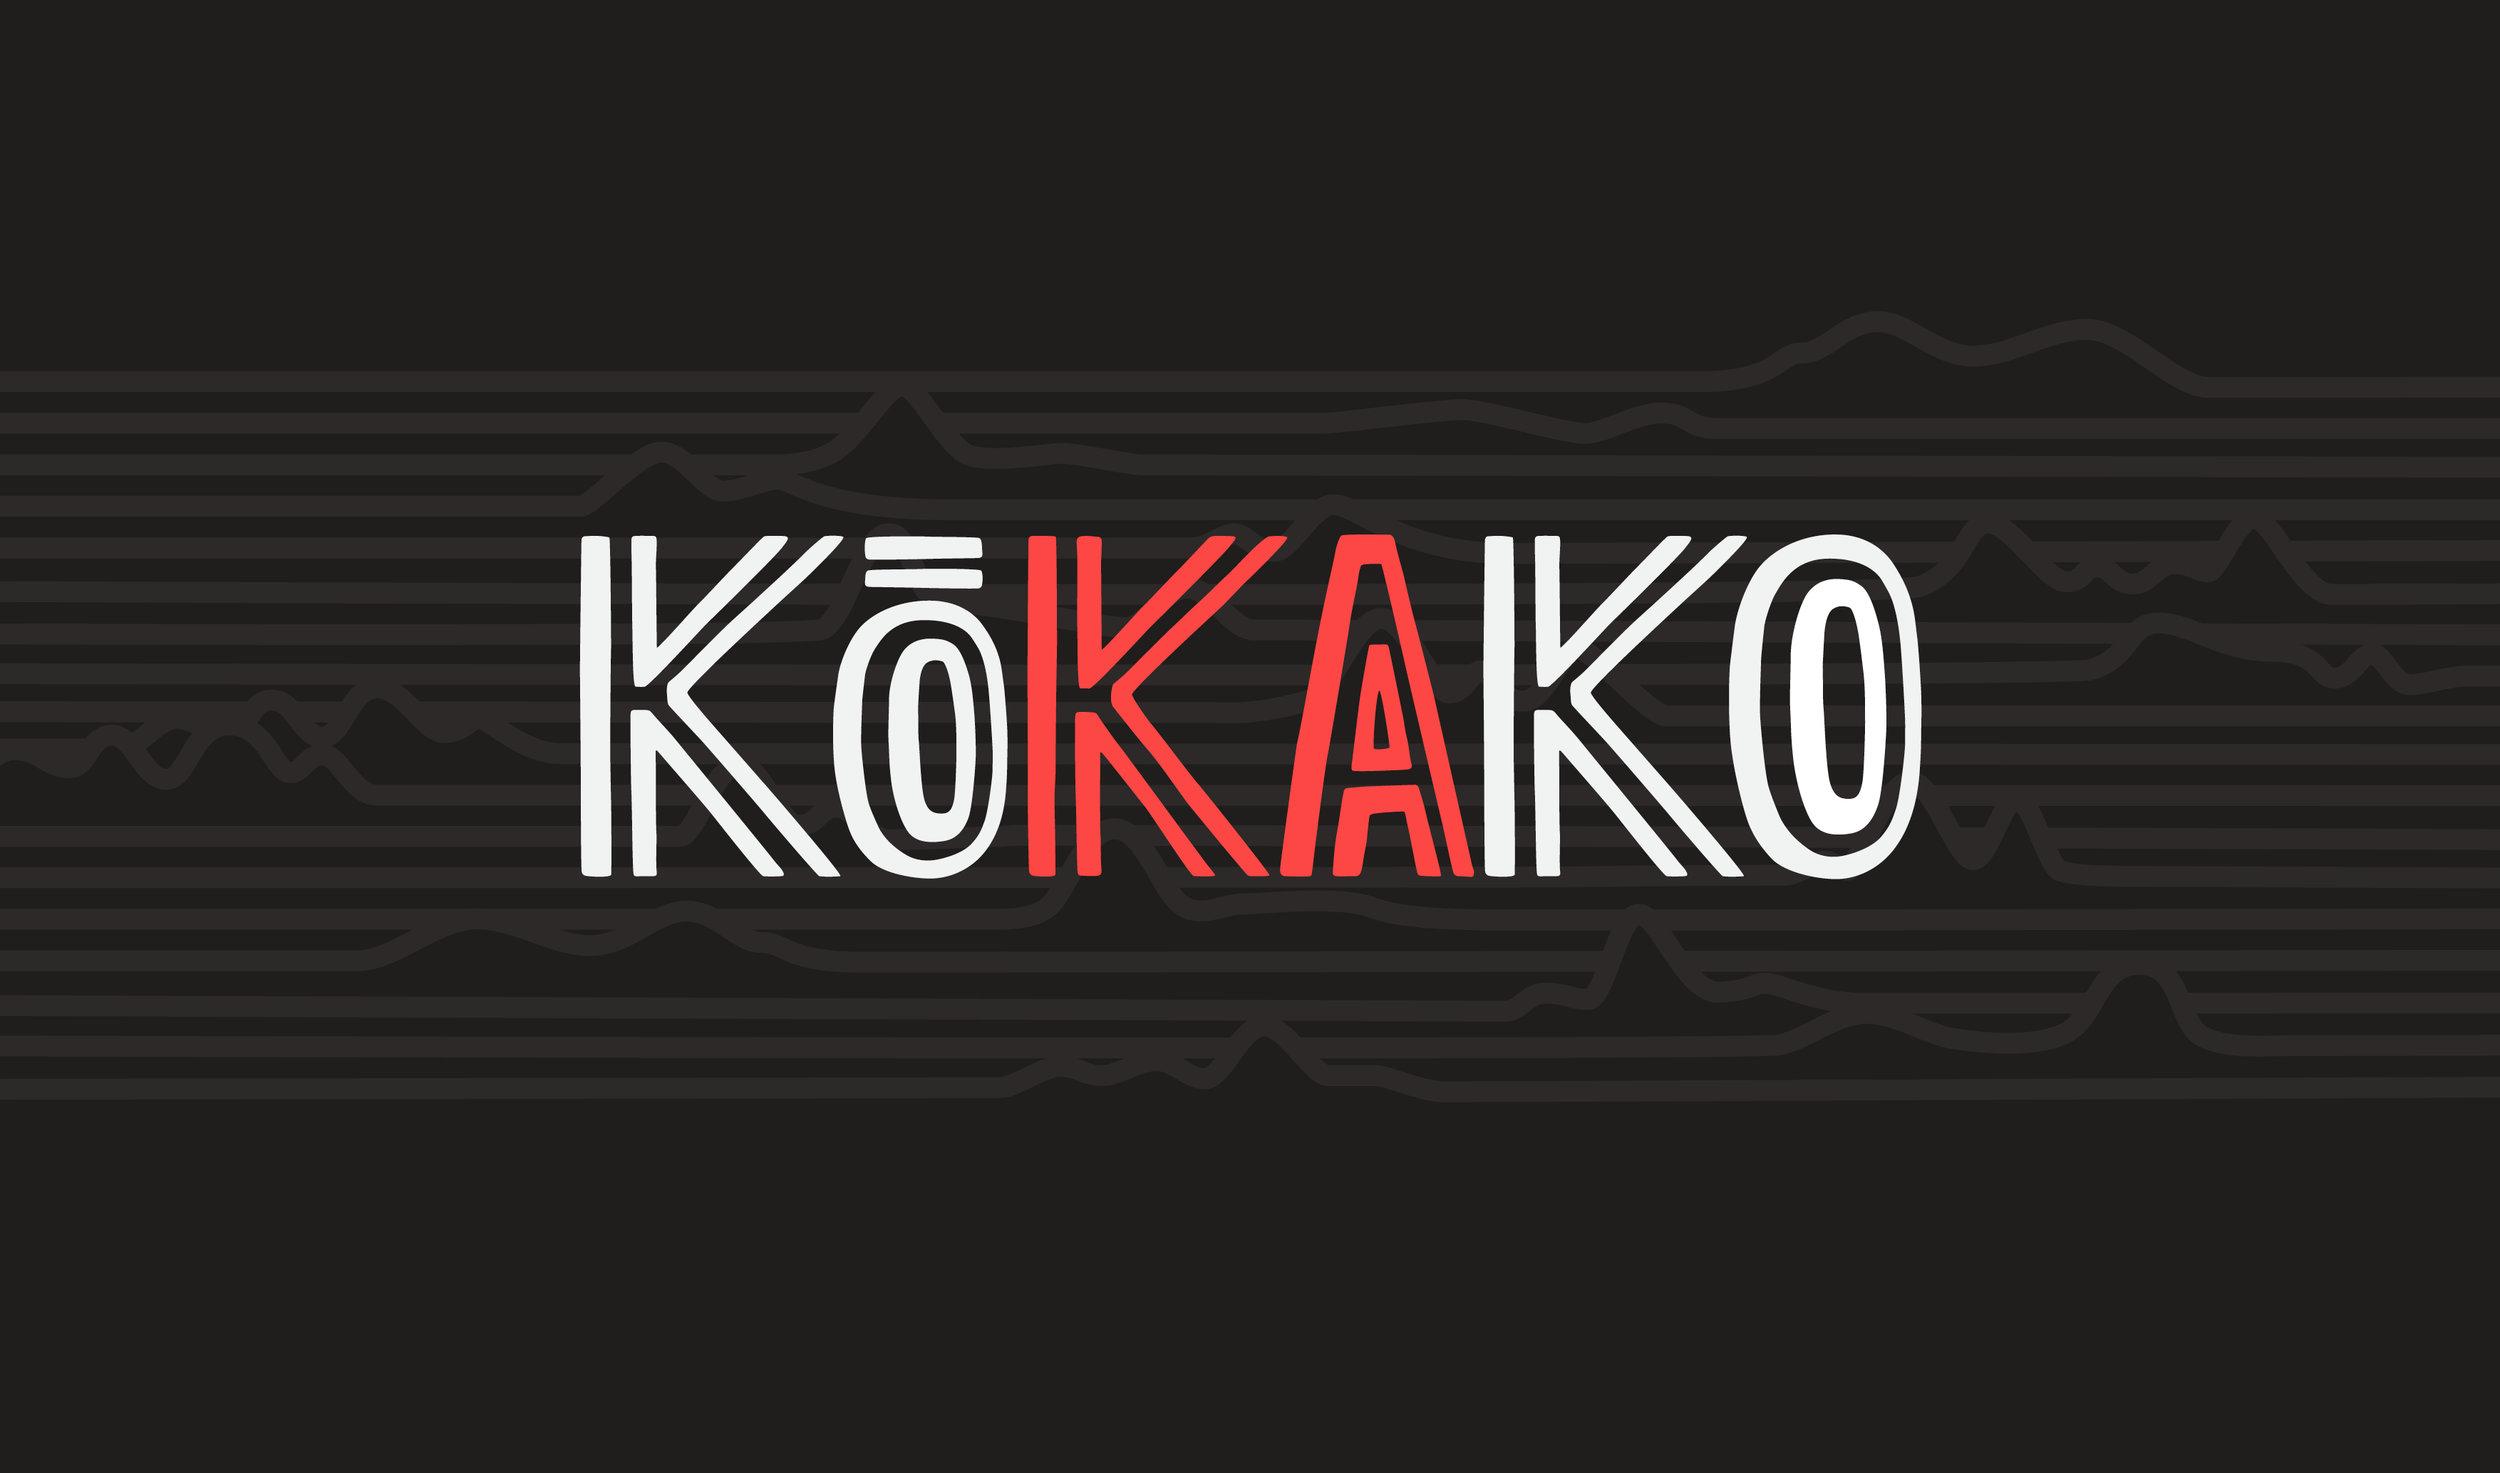 Kokako_LOGO.jpg